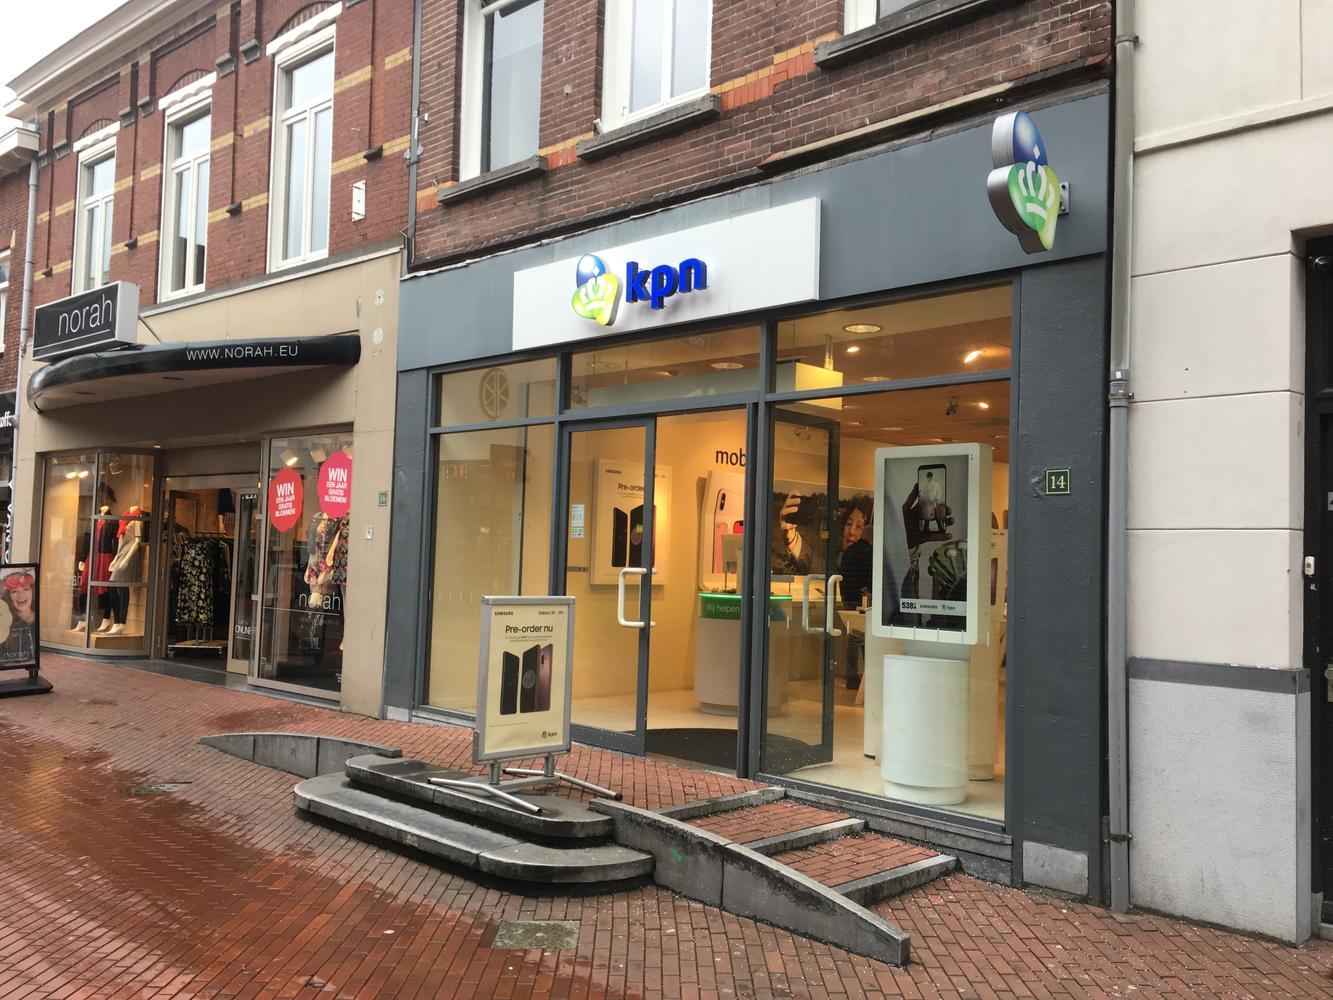 5677a807958 Bedrijfspanden te koop en te huur in Oosterhout - RSP Makelaars